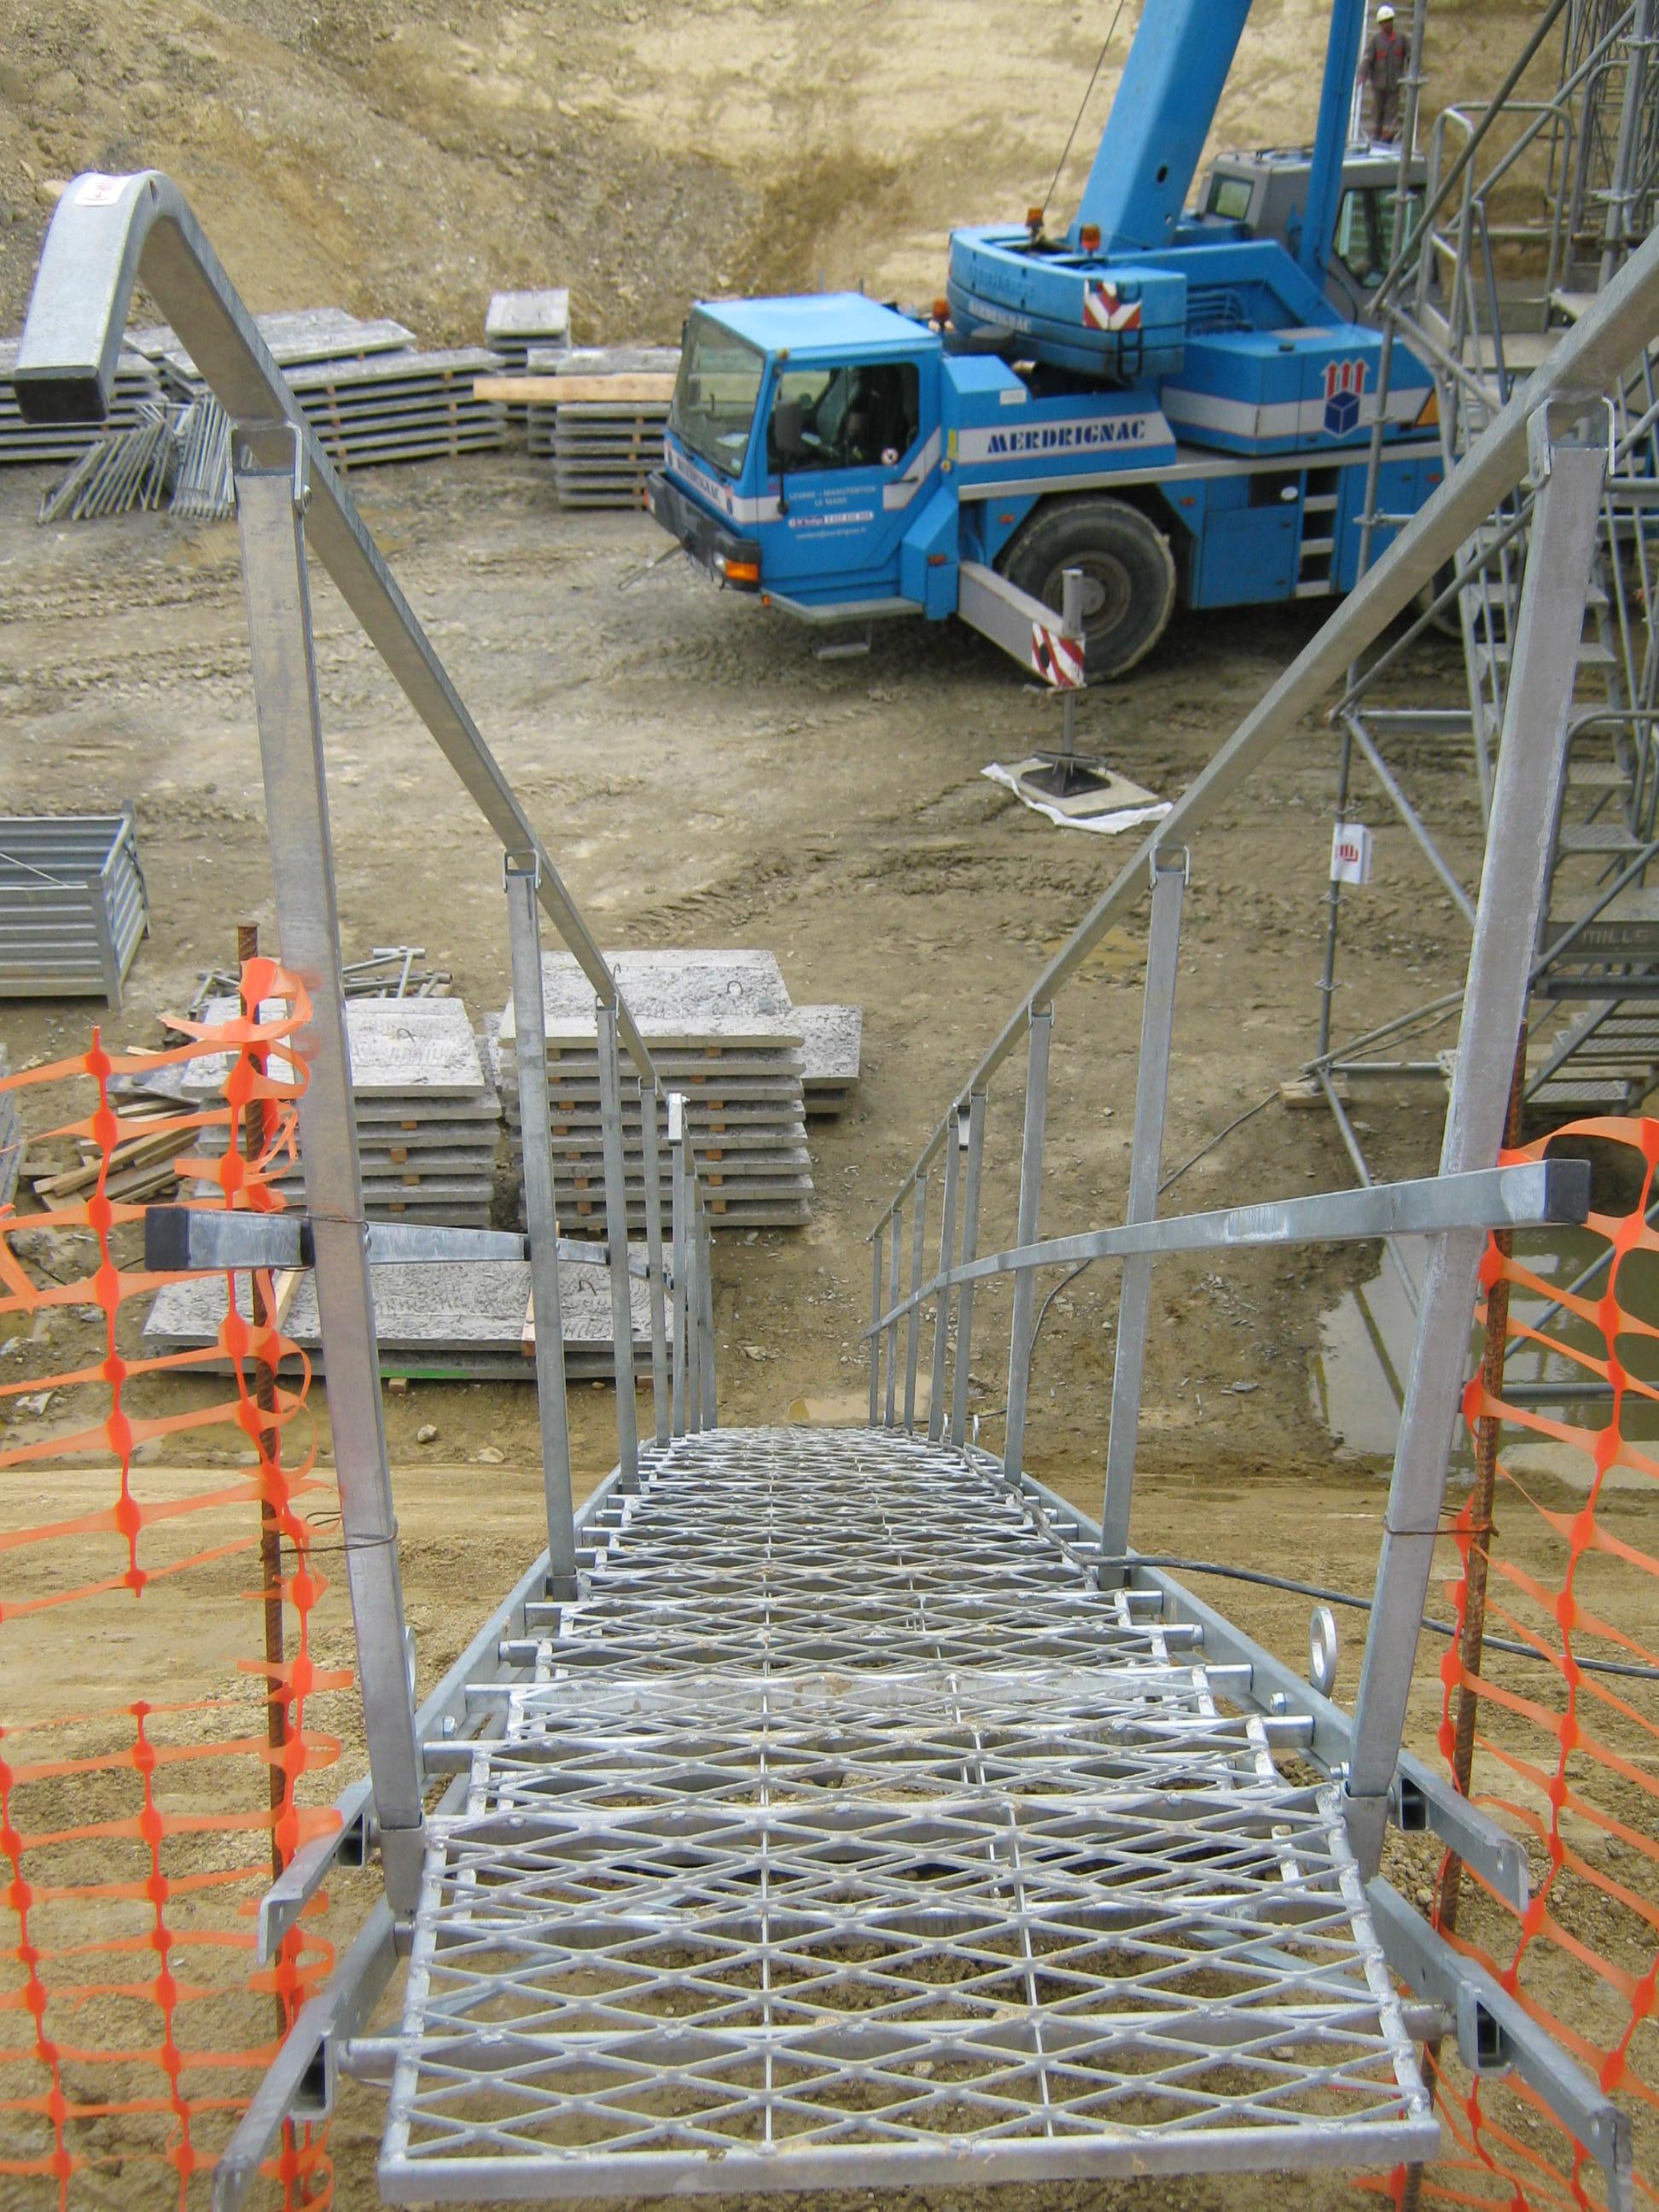 Escalier Modulaire Pas Cher escalier de chantier modulaire prévention btp